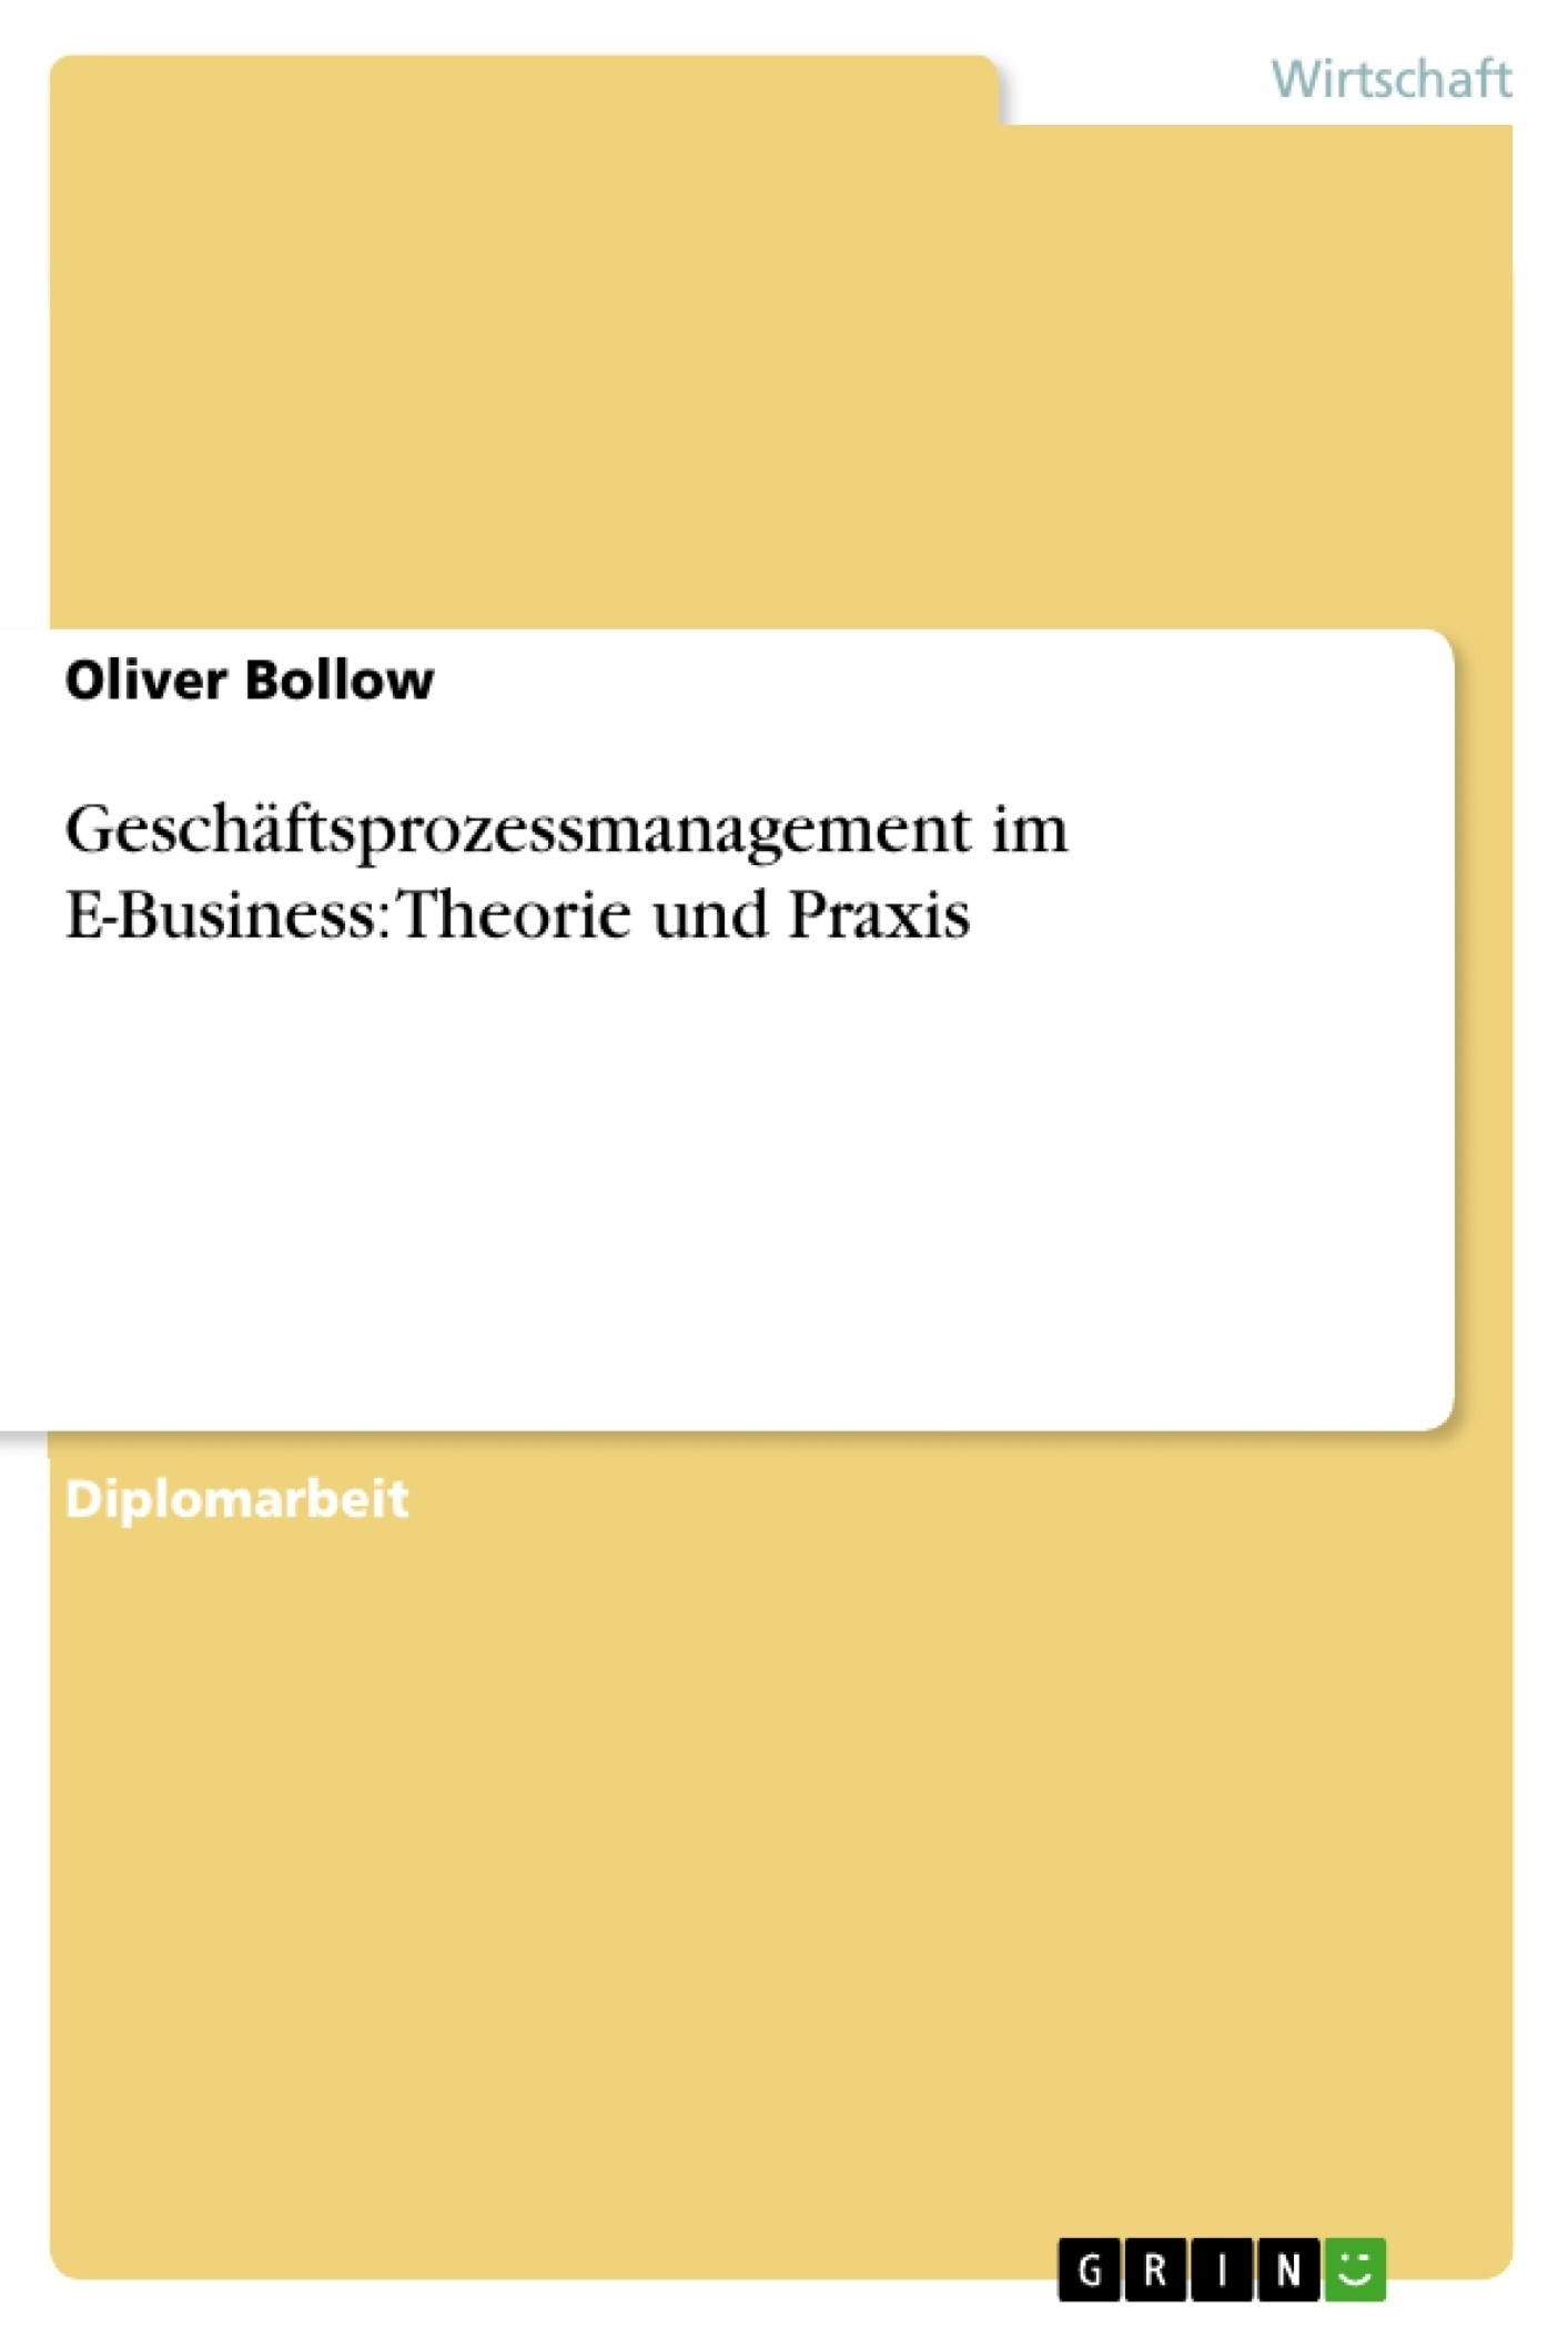 Titel: Geschäftsprozessmanagement im E-Business: Theorie und Praxis